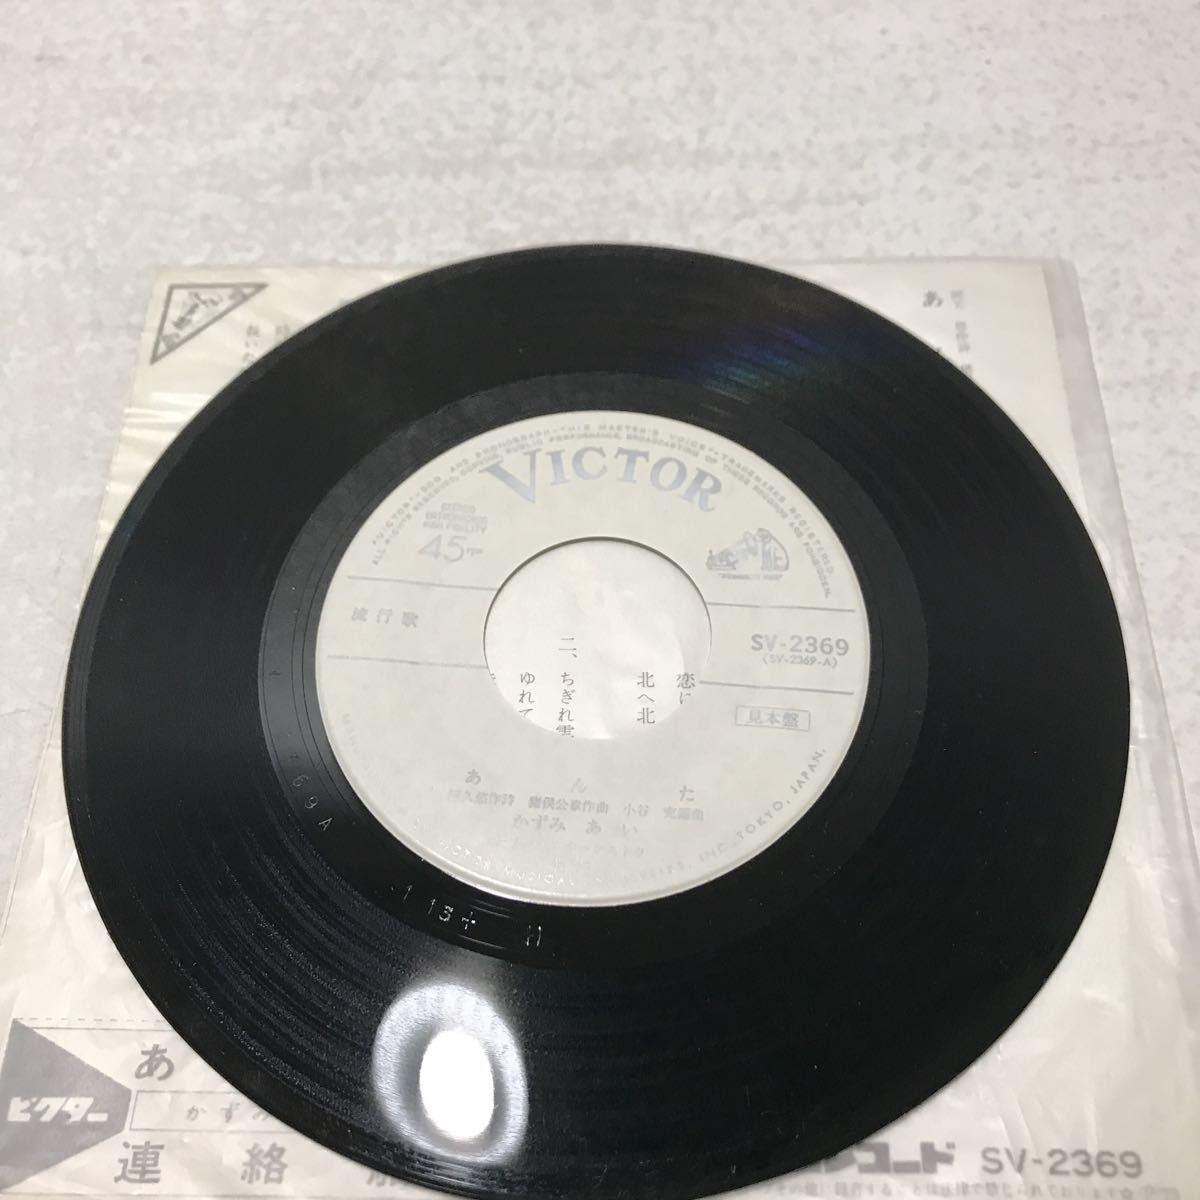 200127▲C11▲ EP 7インチレコード かずみあい あんた/連絡船 見本盤 和モノ 昭和歌謡_画像3